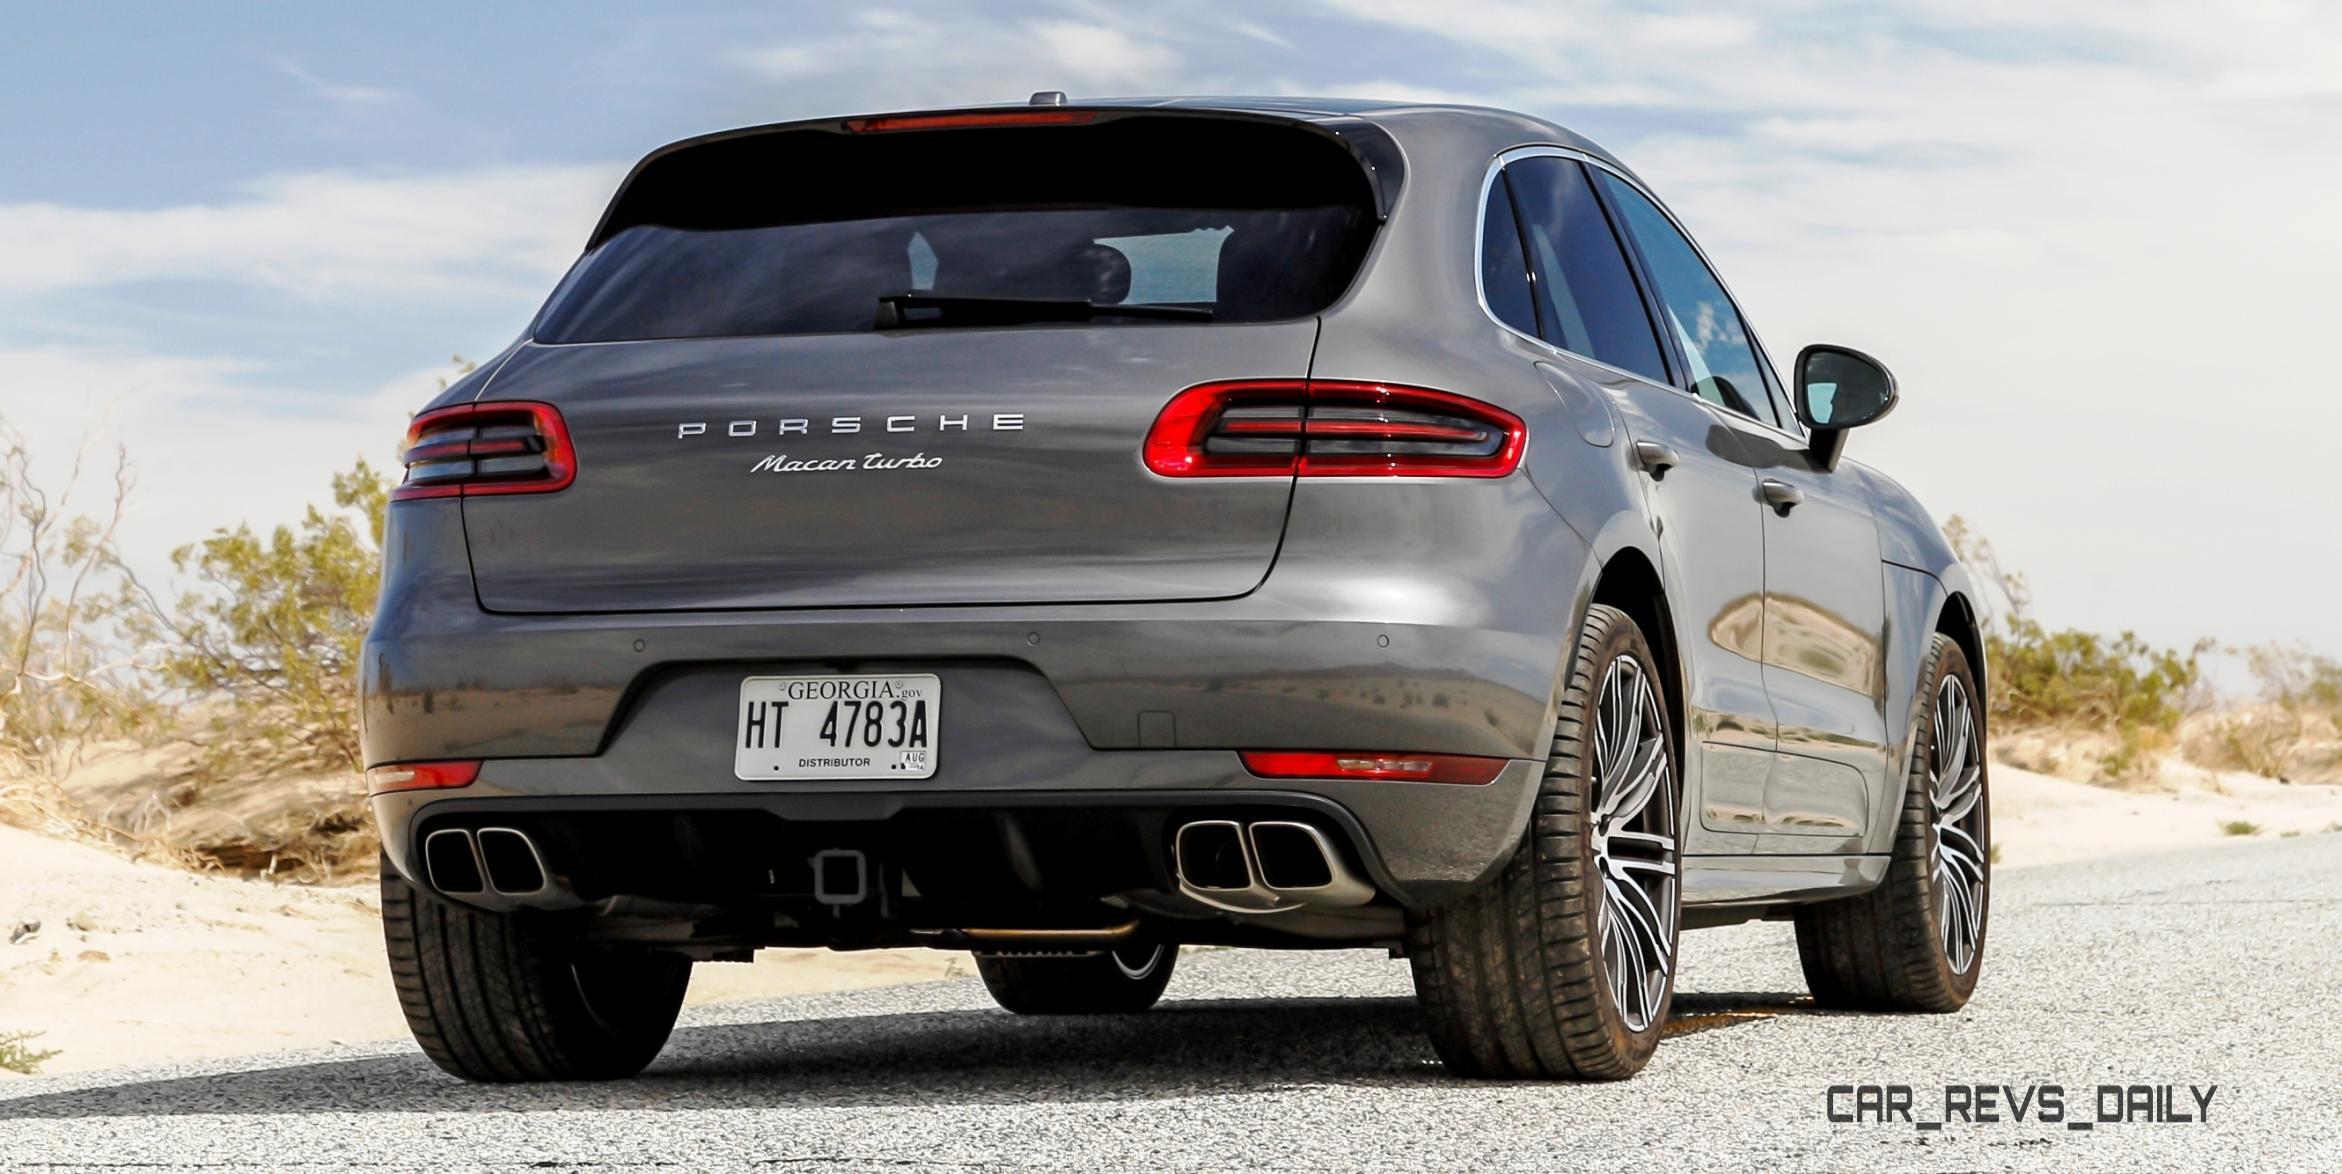 Car,Revs,Daily.com 2015 Porsche MACAN USA 31